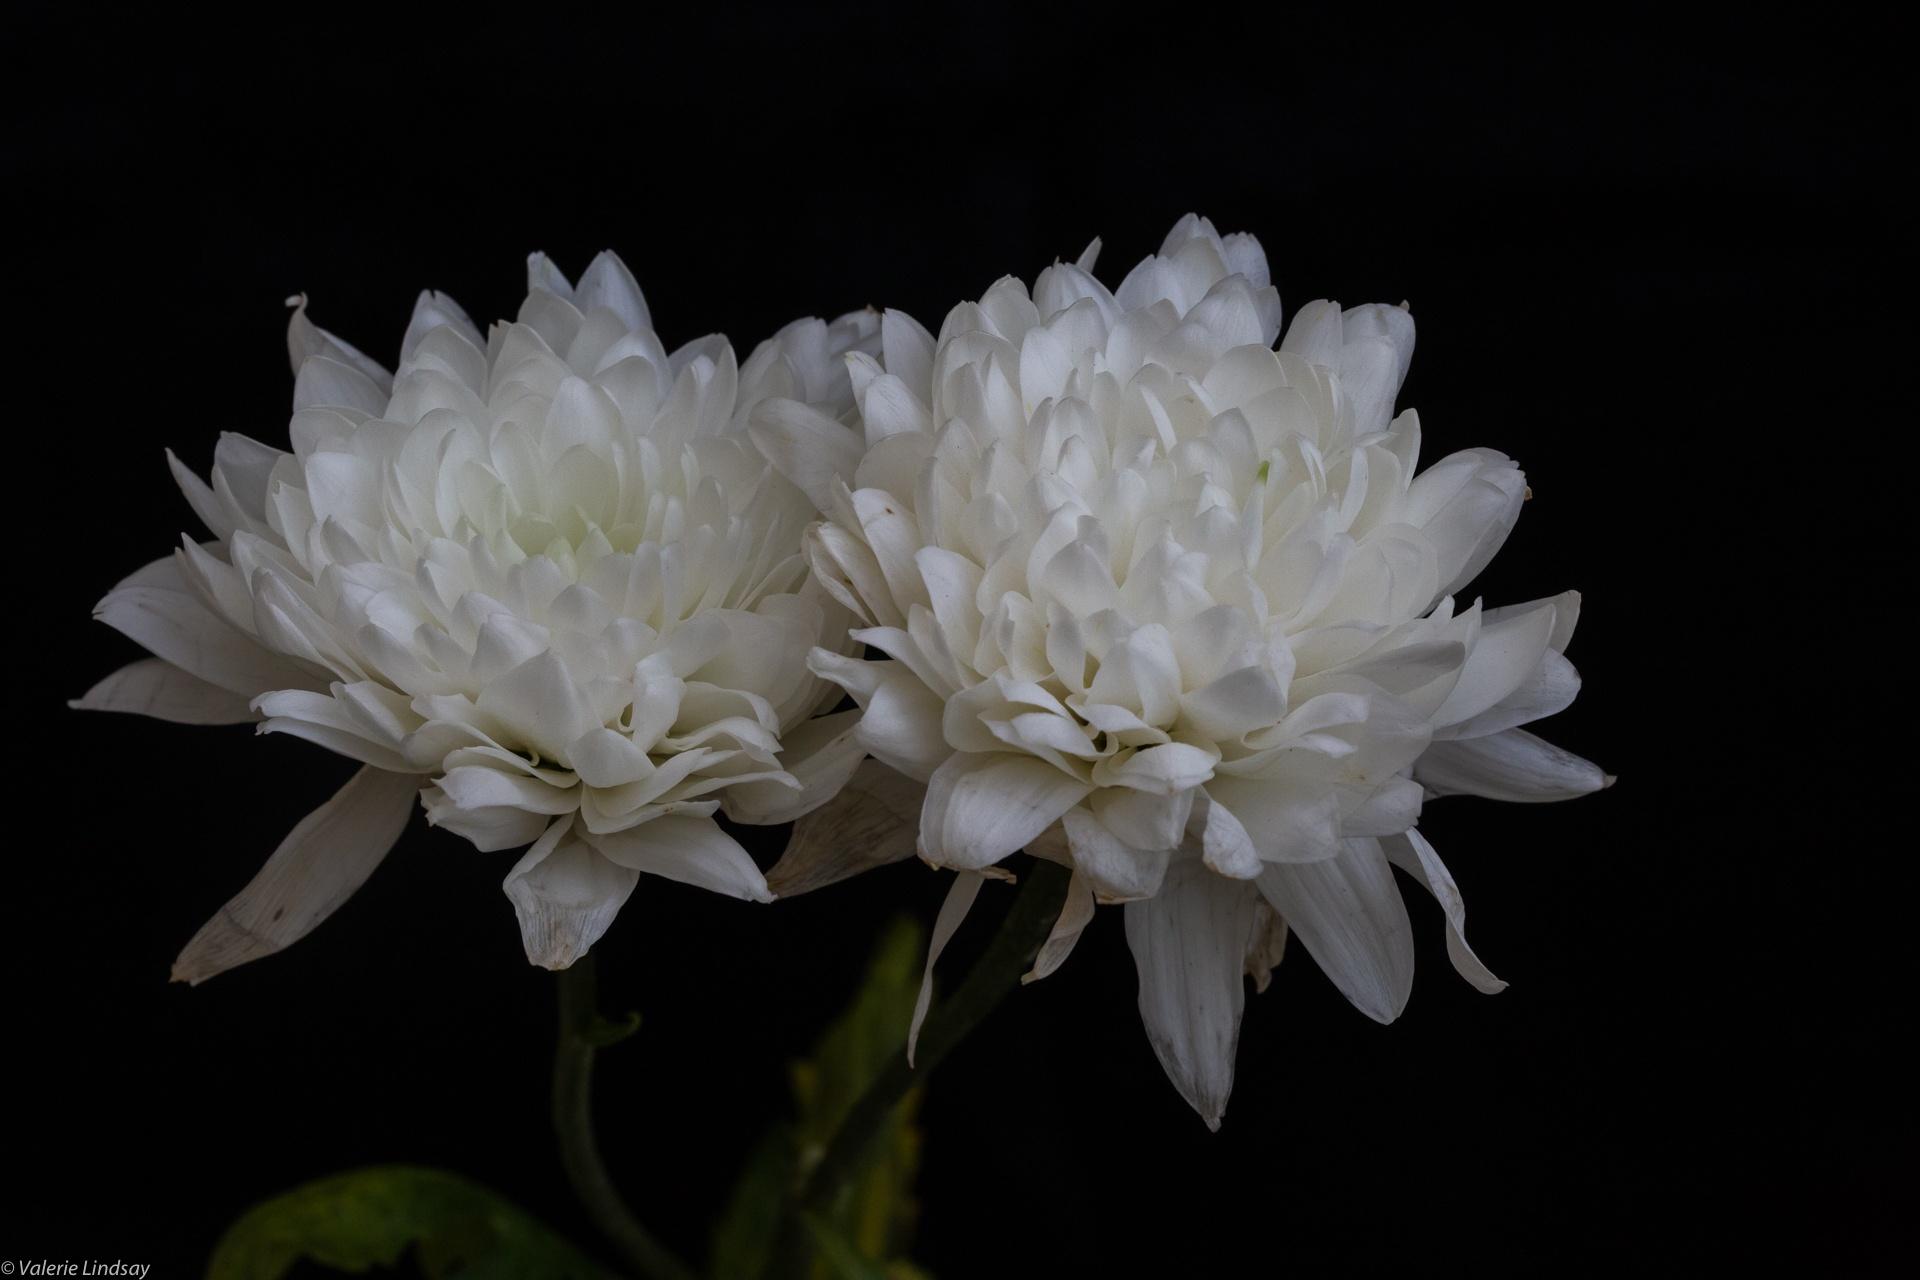 White chrysanthemum pair